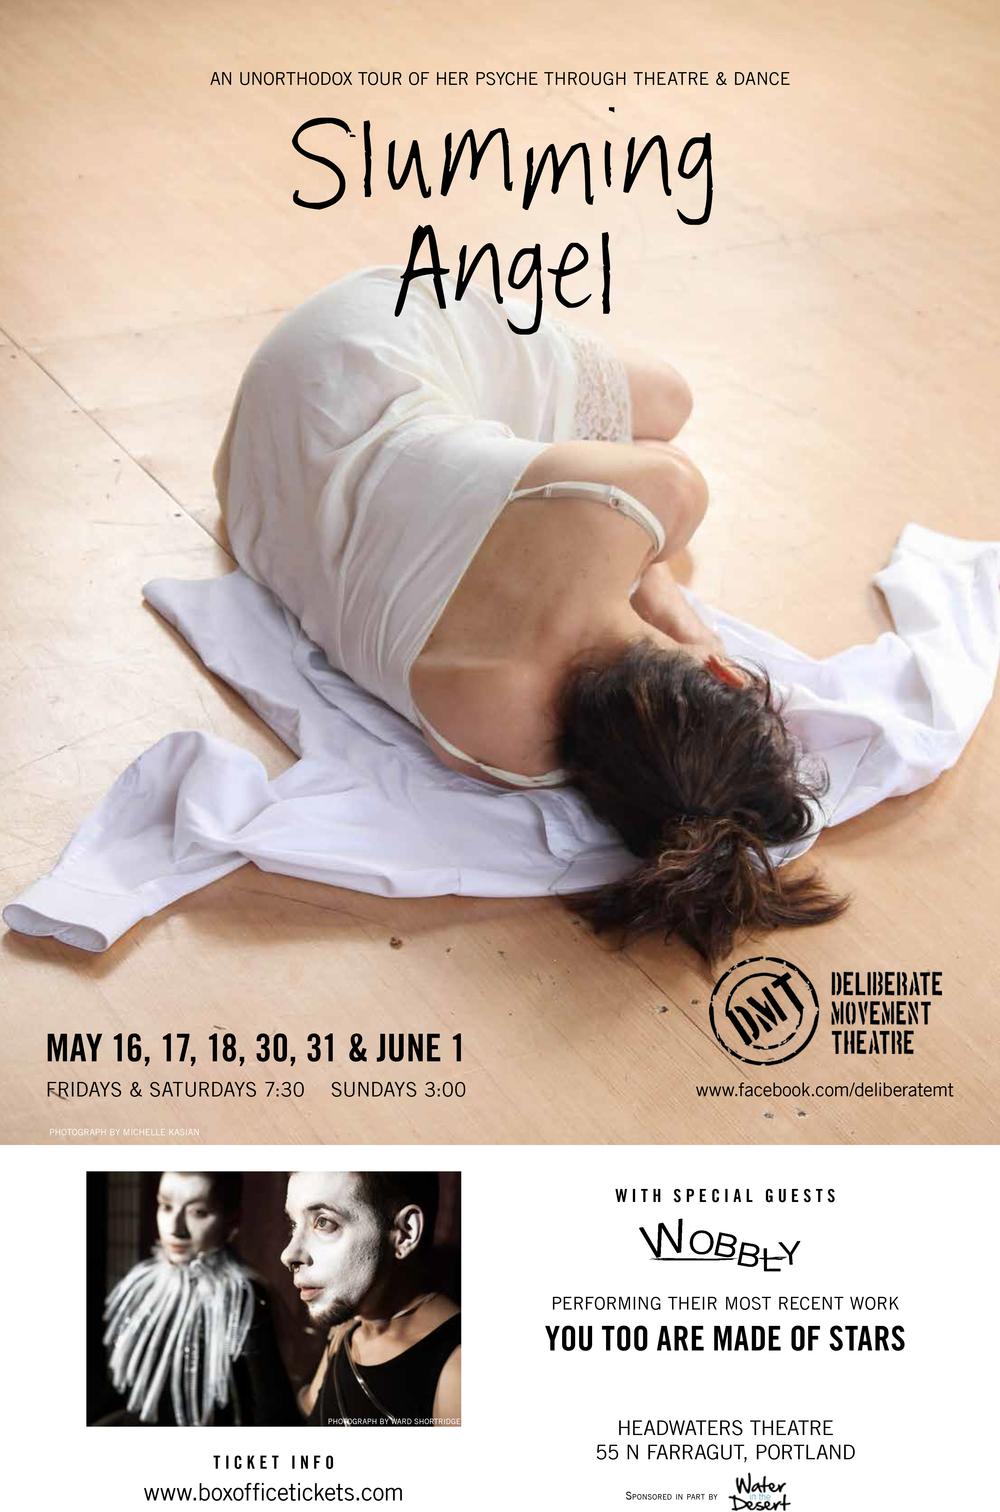 poster-slumming-angel-ss-1.jpg